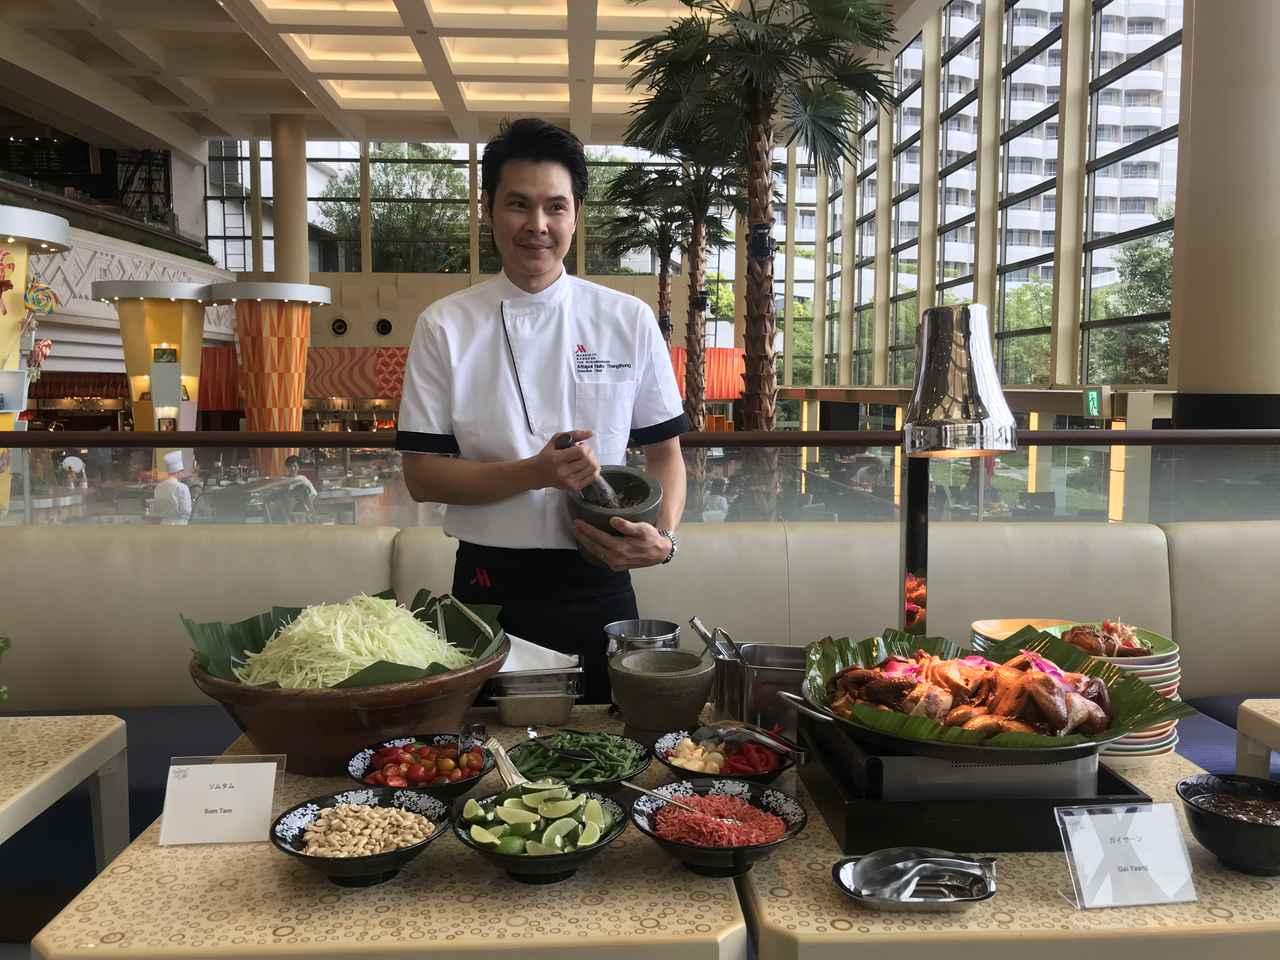 画像1: 9月限定・本格タイ料理が楽しめる『タイフードブッフェbyシェフX』開催